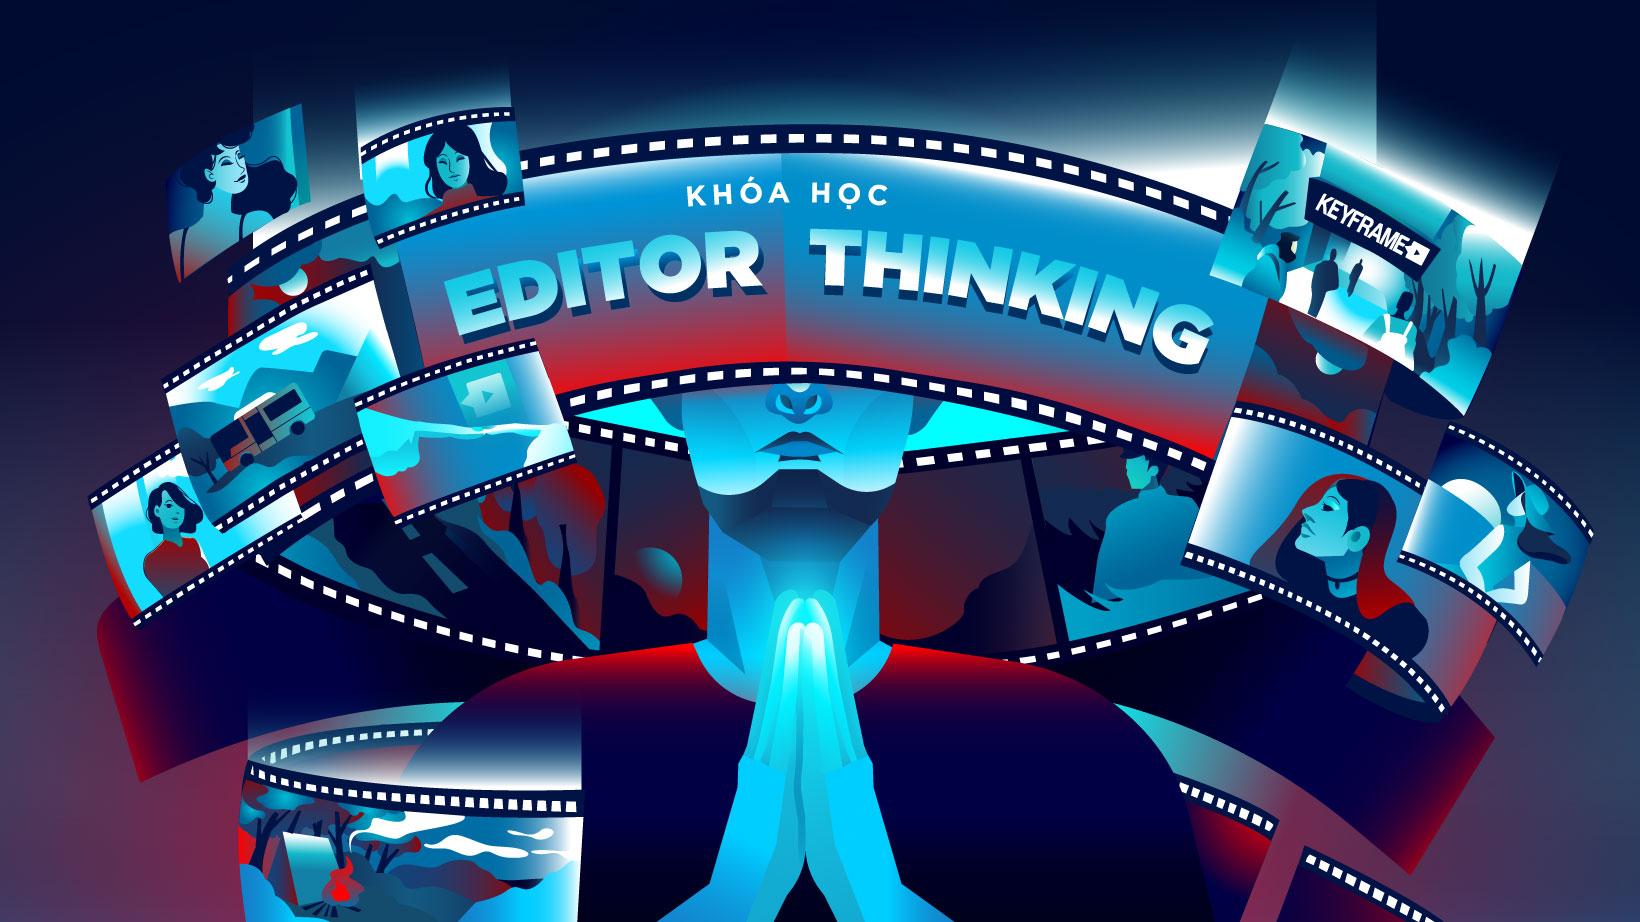 Khóa Học Editor Thinking - Tư Duy Dựng Phim